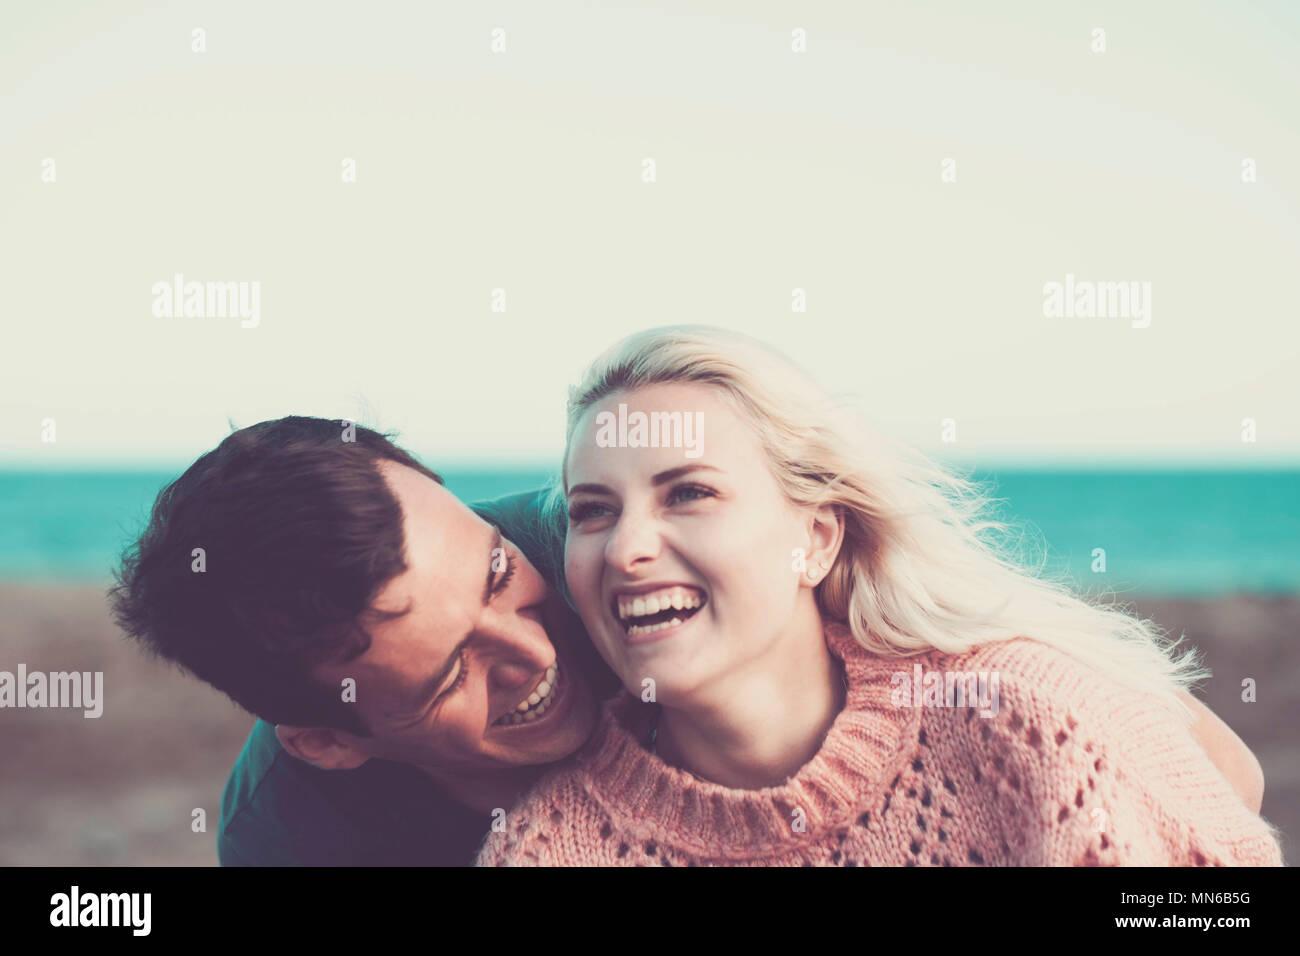 Joven pareja caucásica rubia y cabello negro permanecer juntos con alegría y con amor exterior con la playa y el océano en el fondo. vacaciones concepto con Imagen De Stock